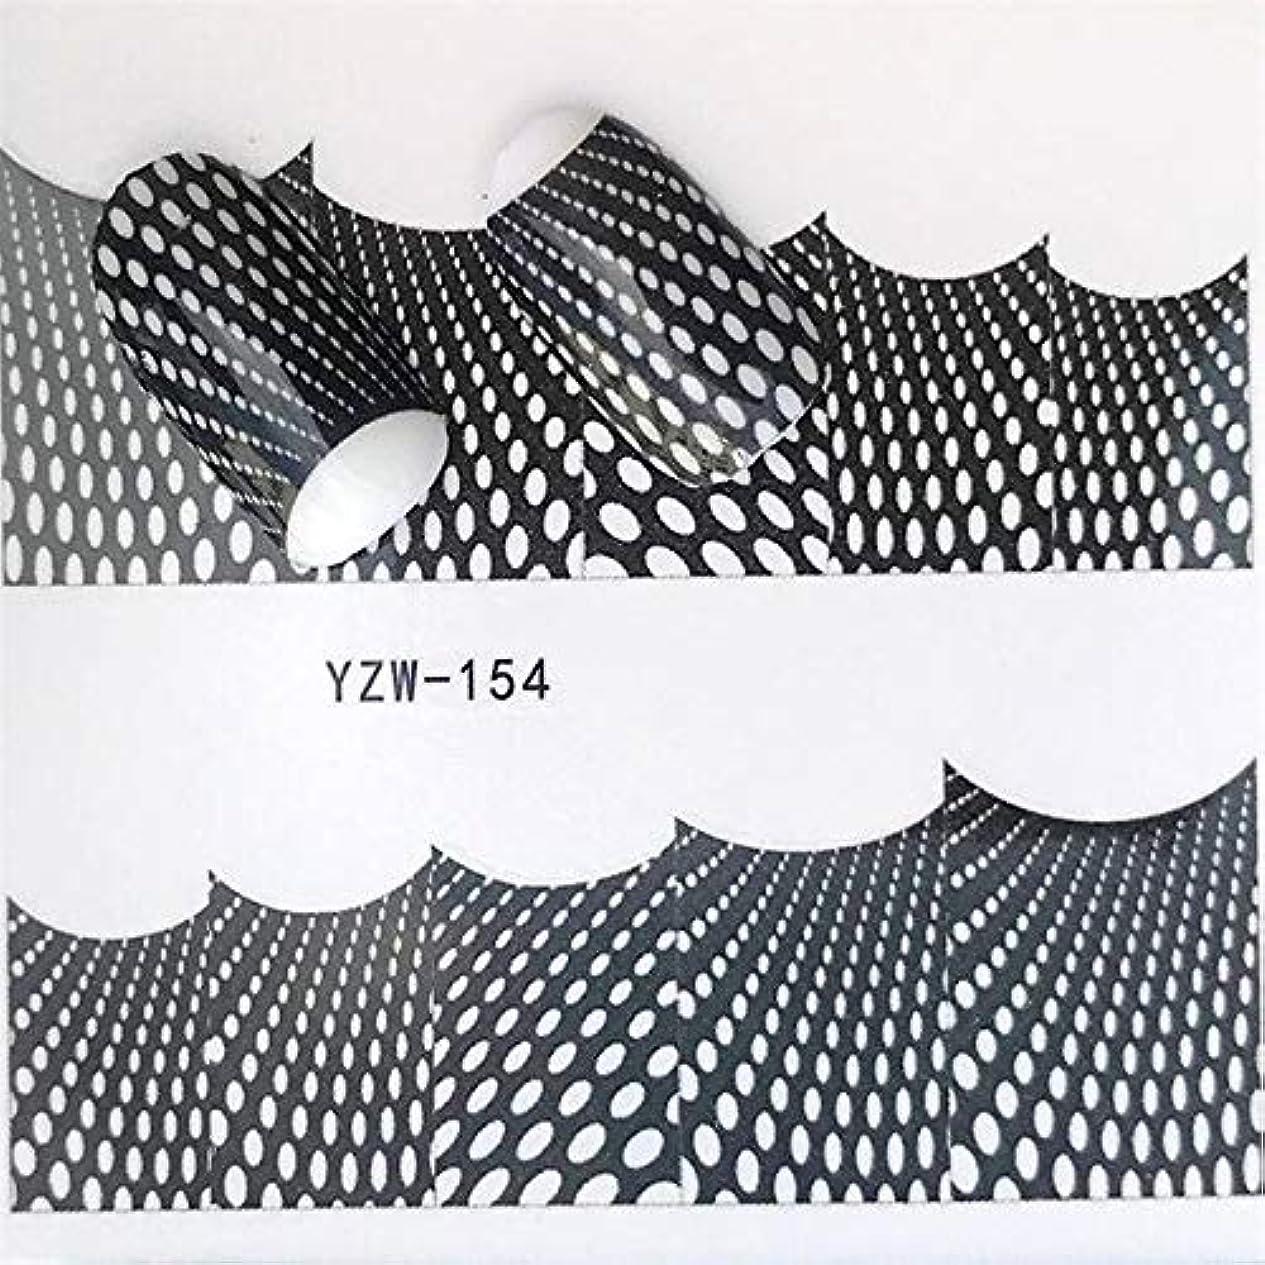 群がる腕トラブルSUKTI&XIAO ネイルステッカー 32デザイン水彩ネイルデカールジオアニマルフラワーウォータートランスファーステッカーネイルラップ装飾のヒント